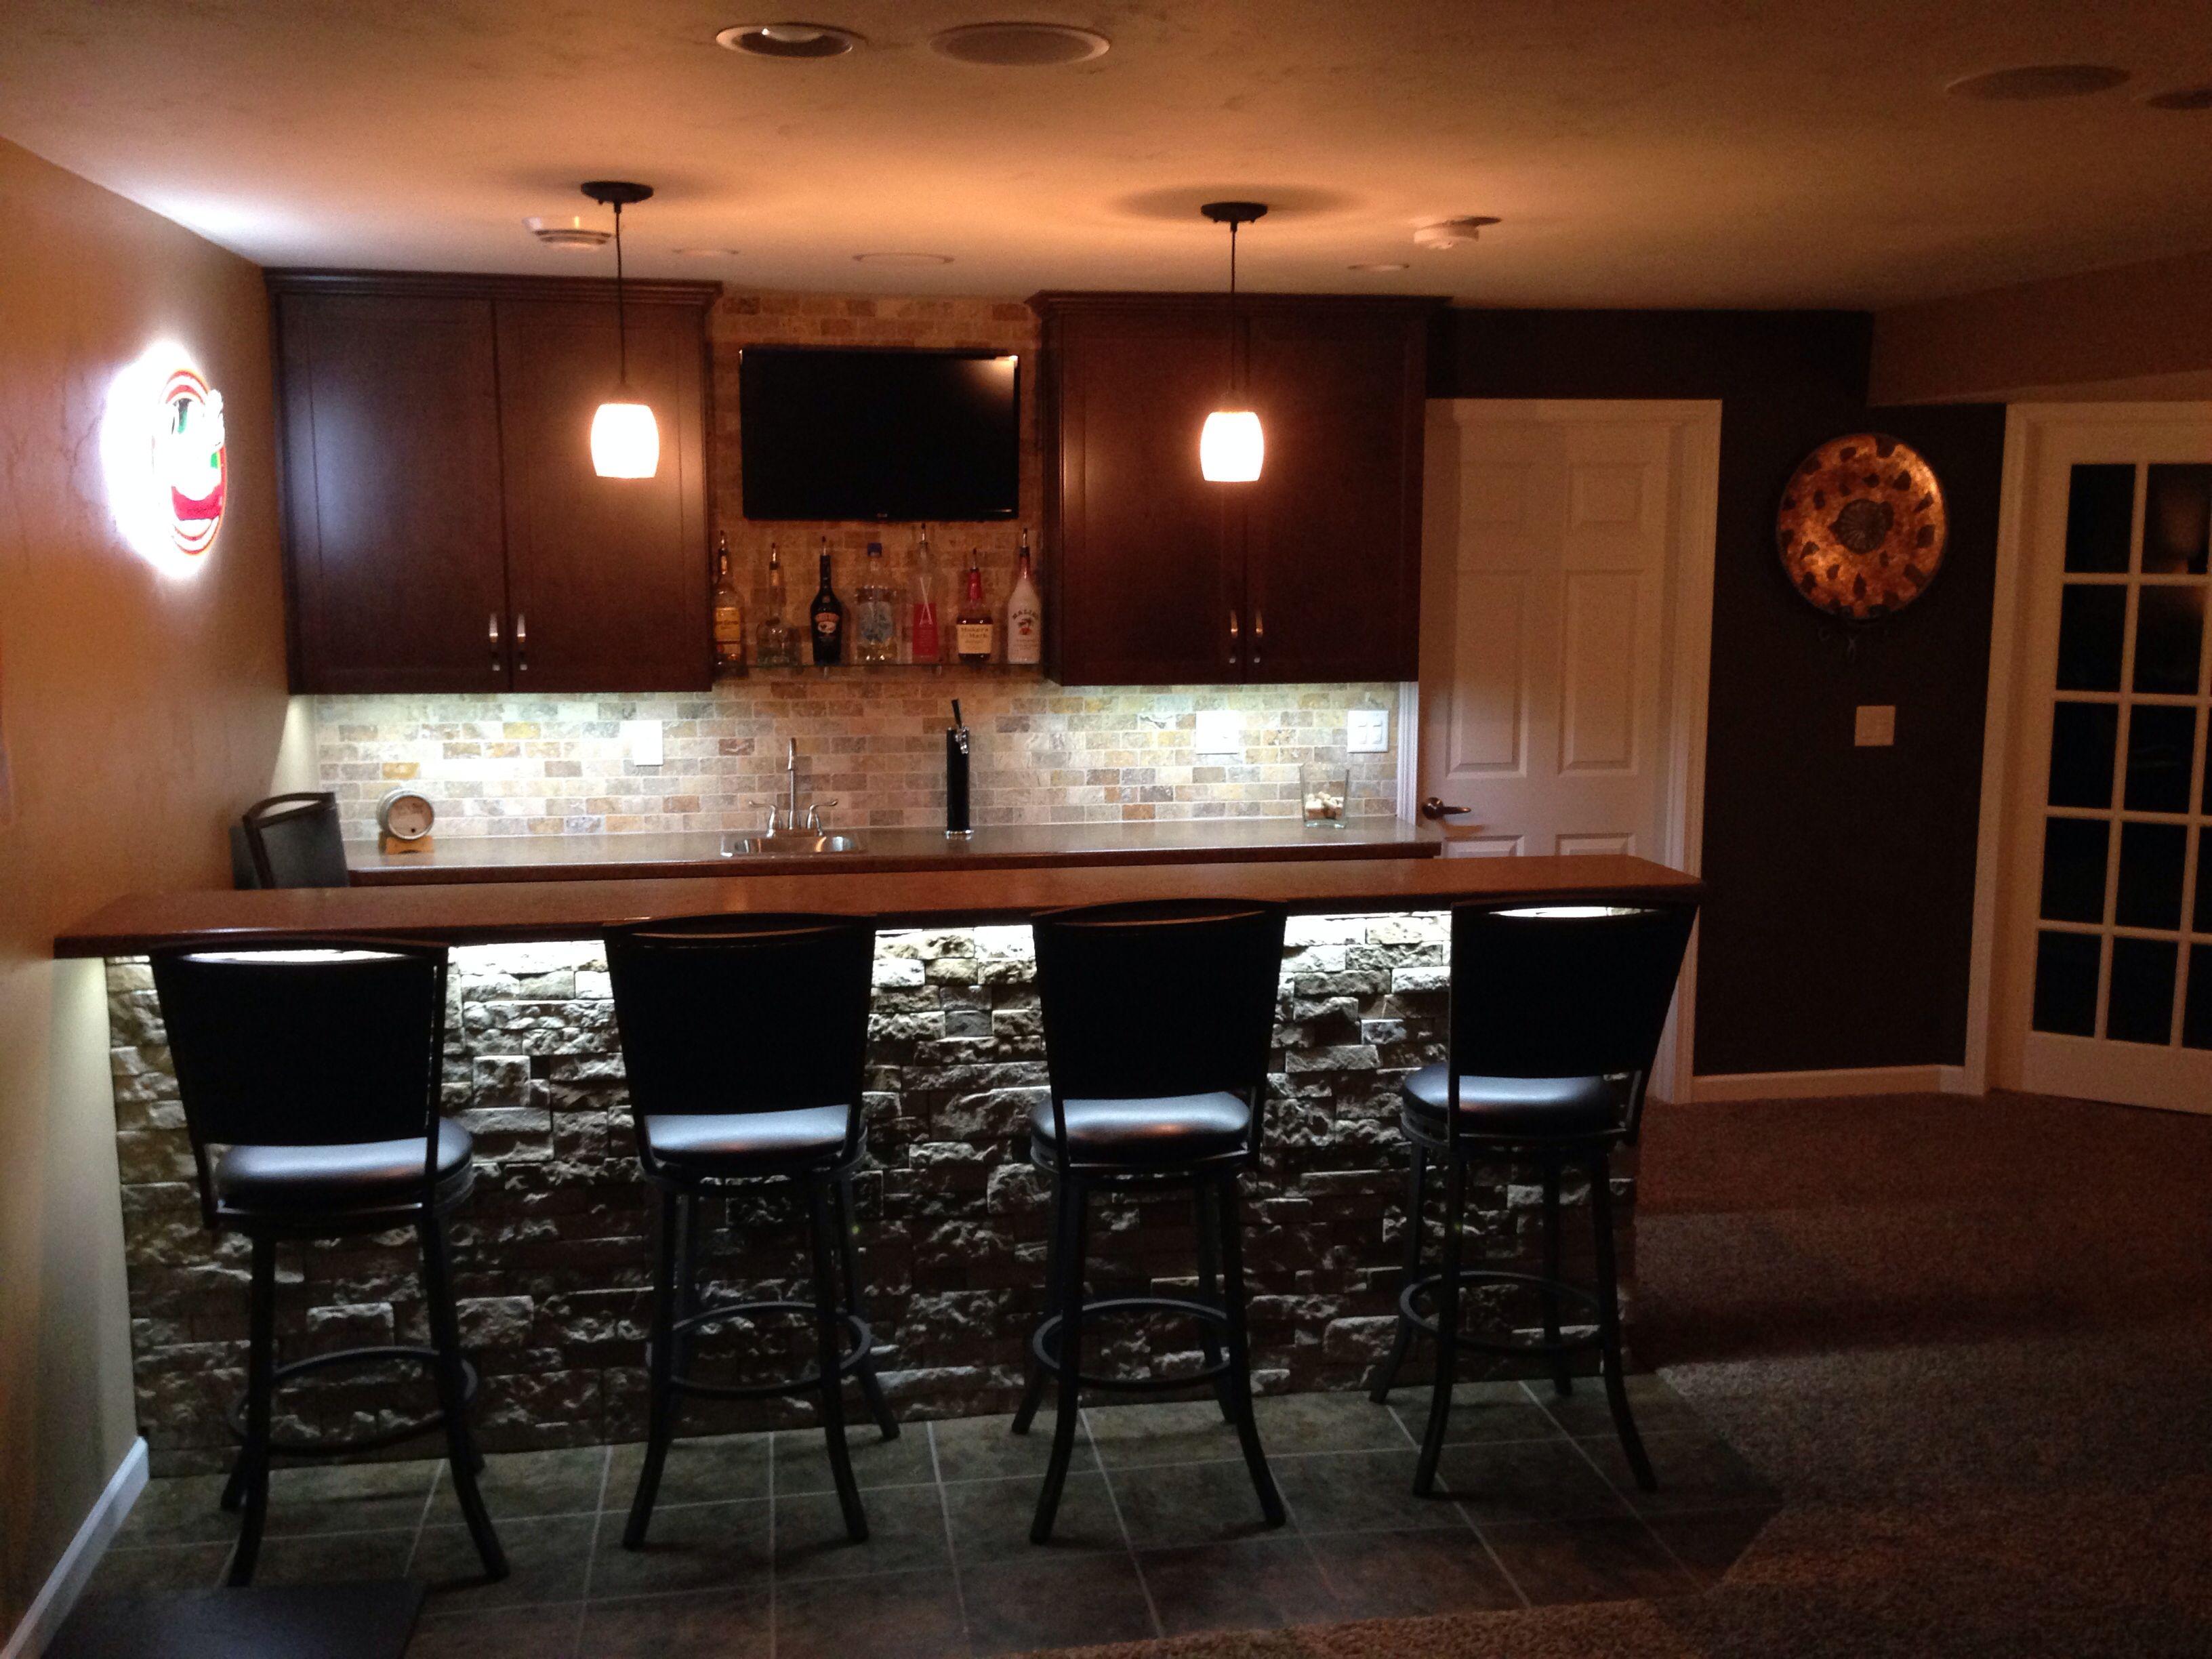 wet bar lighting. Basement Bar - Love The Under Lighting Wet N